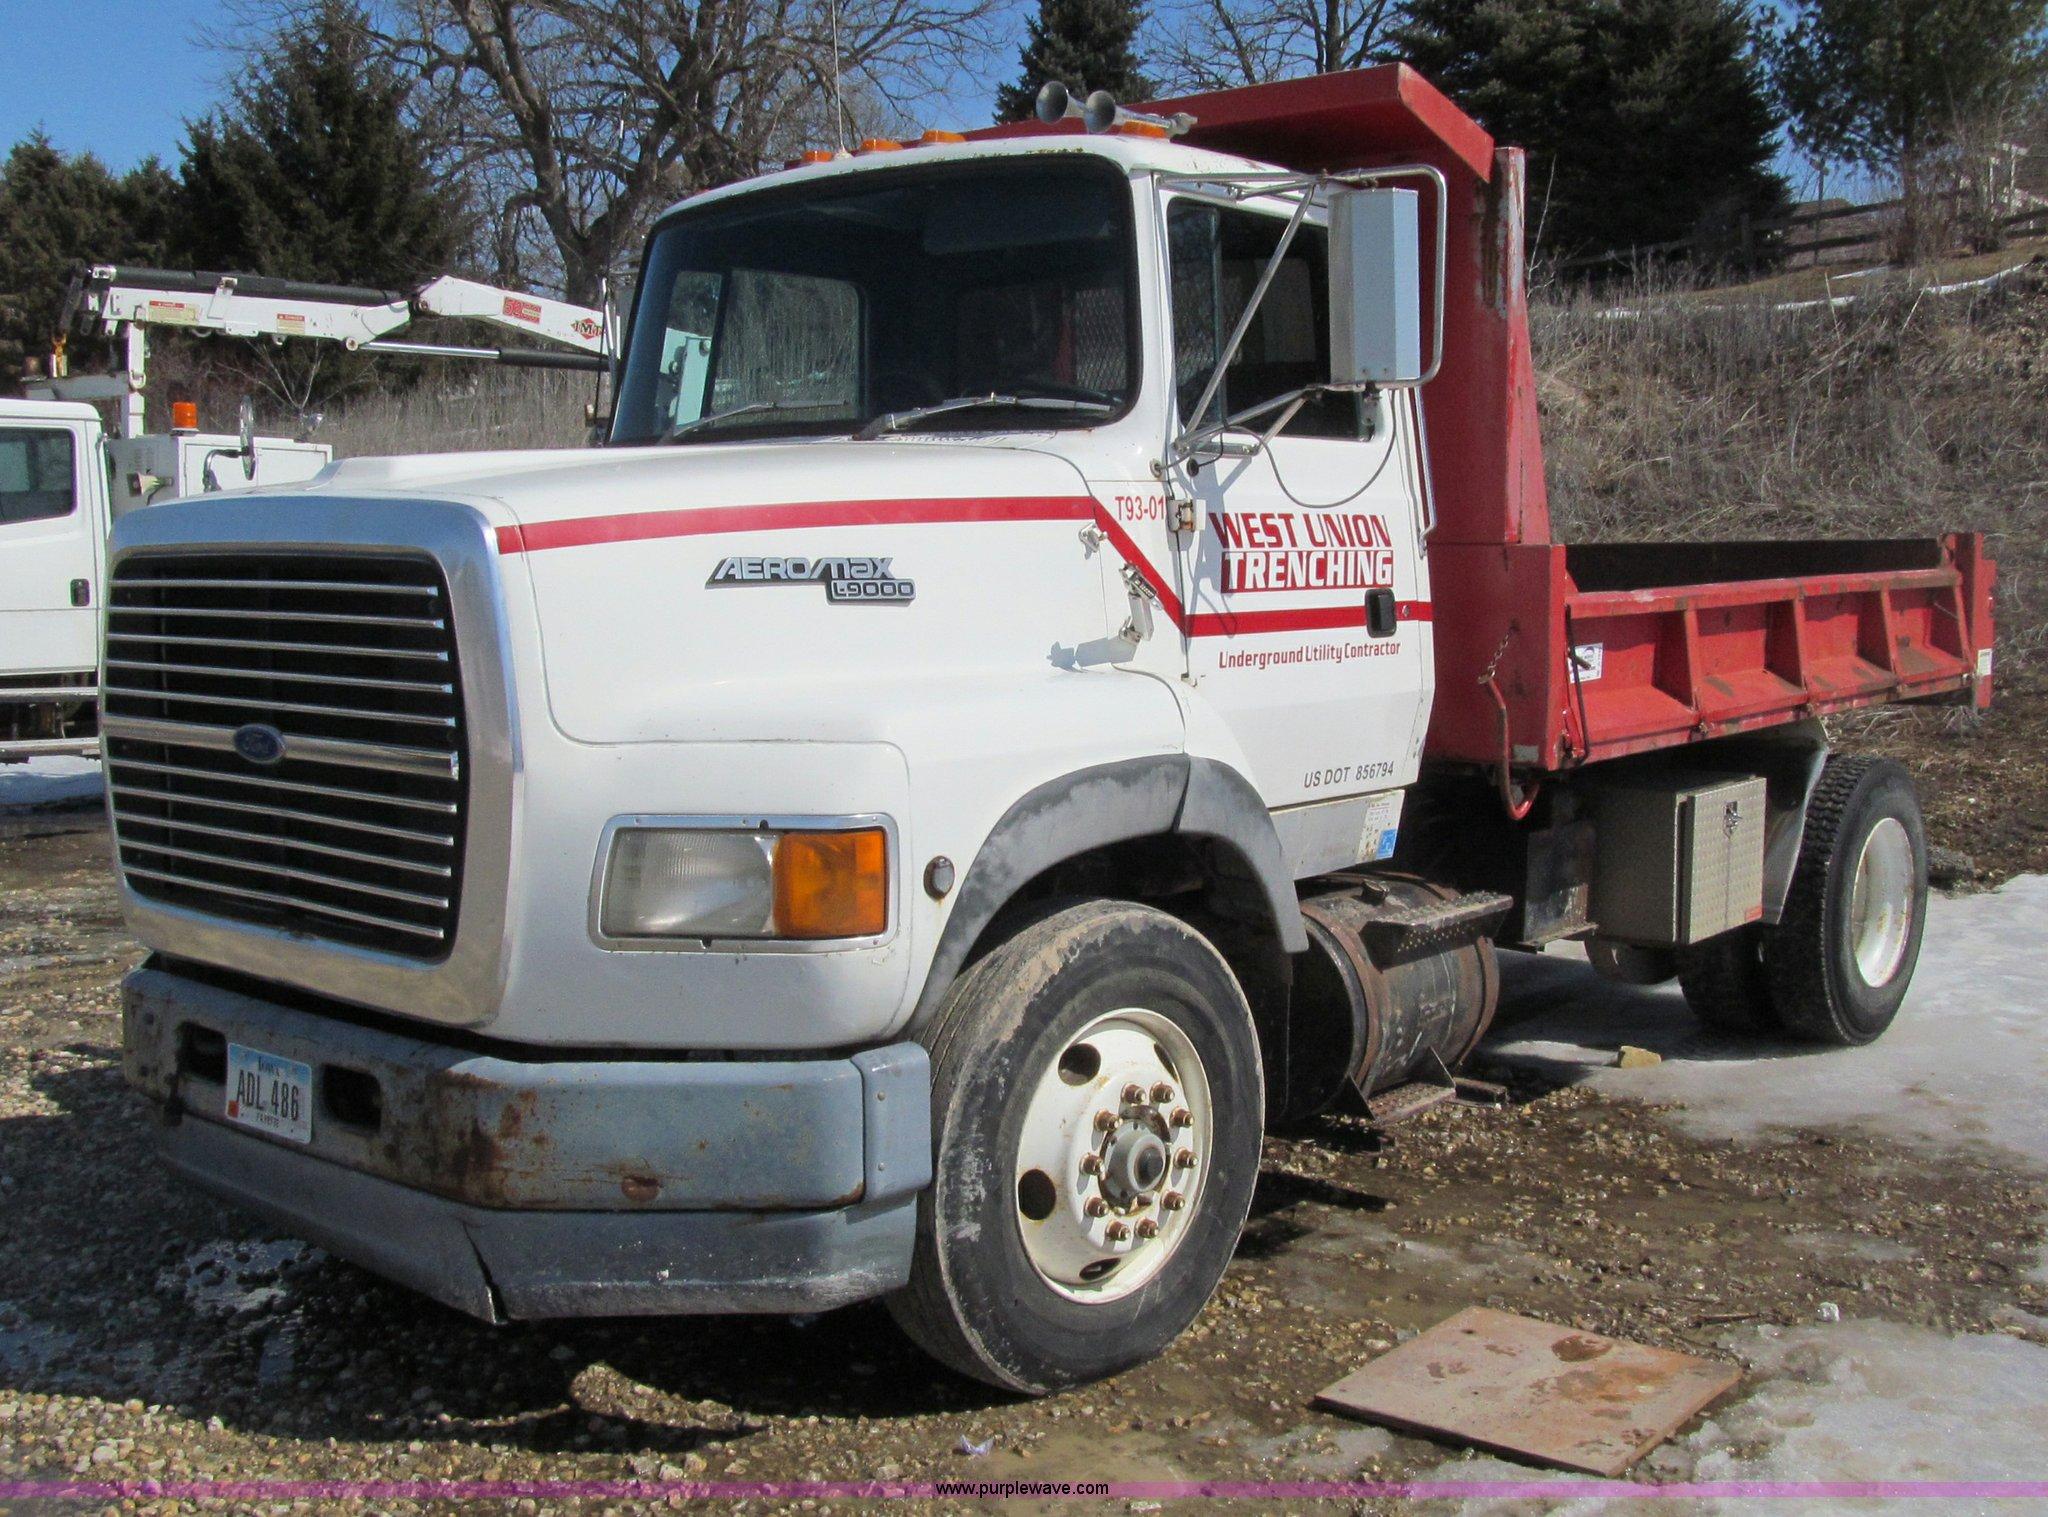 1993 ford l9000 aeromax dump truck item d7248 sold apri rh purplewave com Ford L9000 Craigslist 1990 Ford L9000